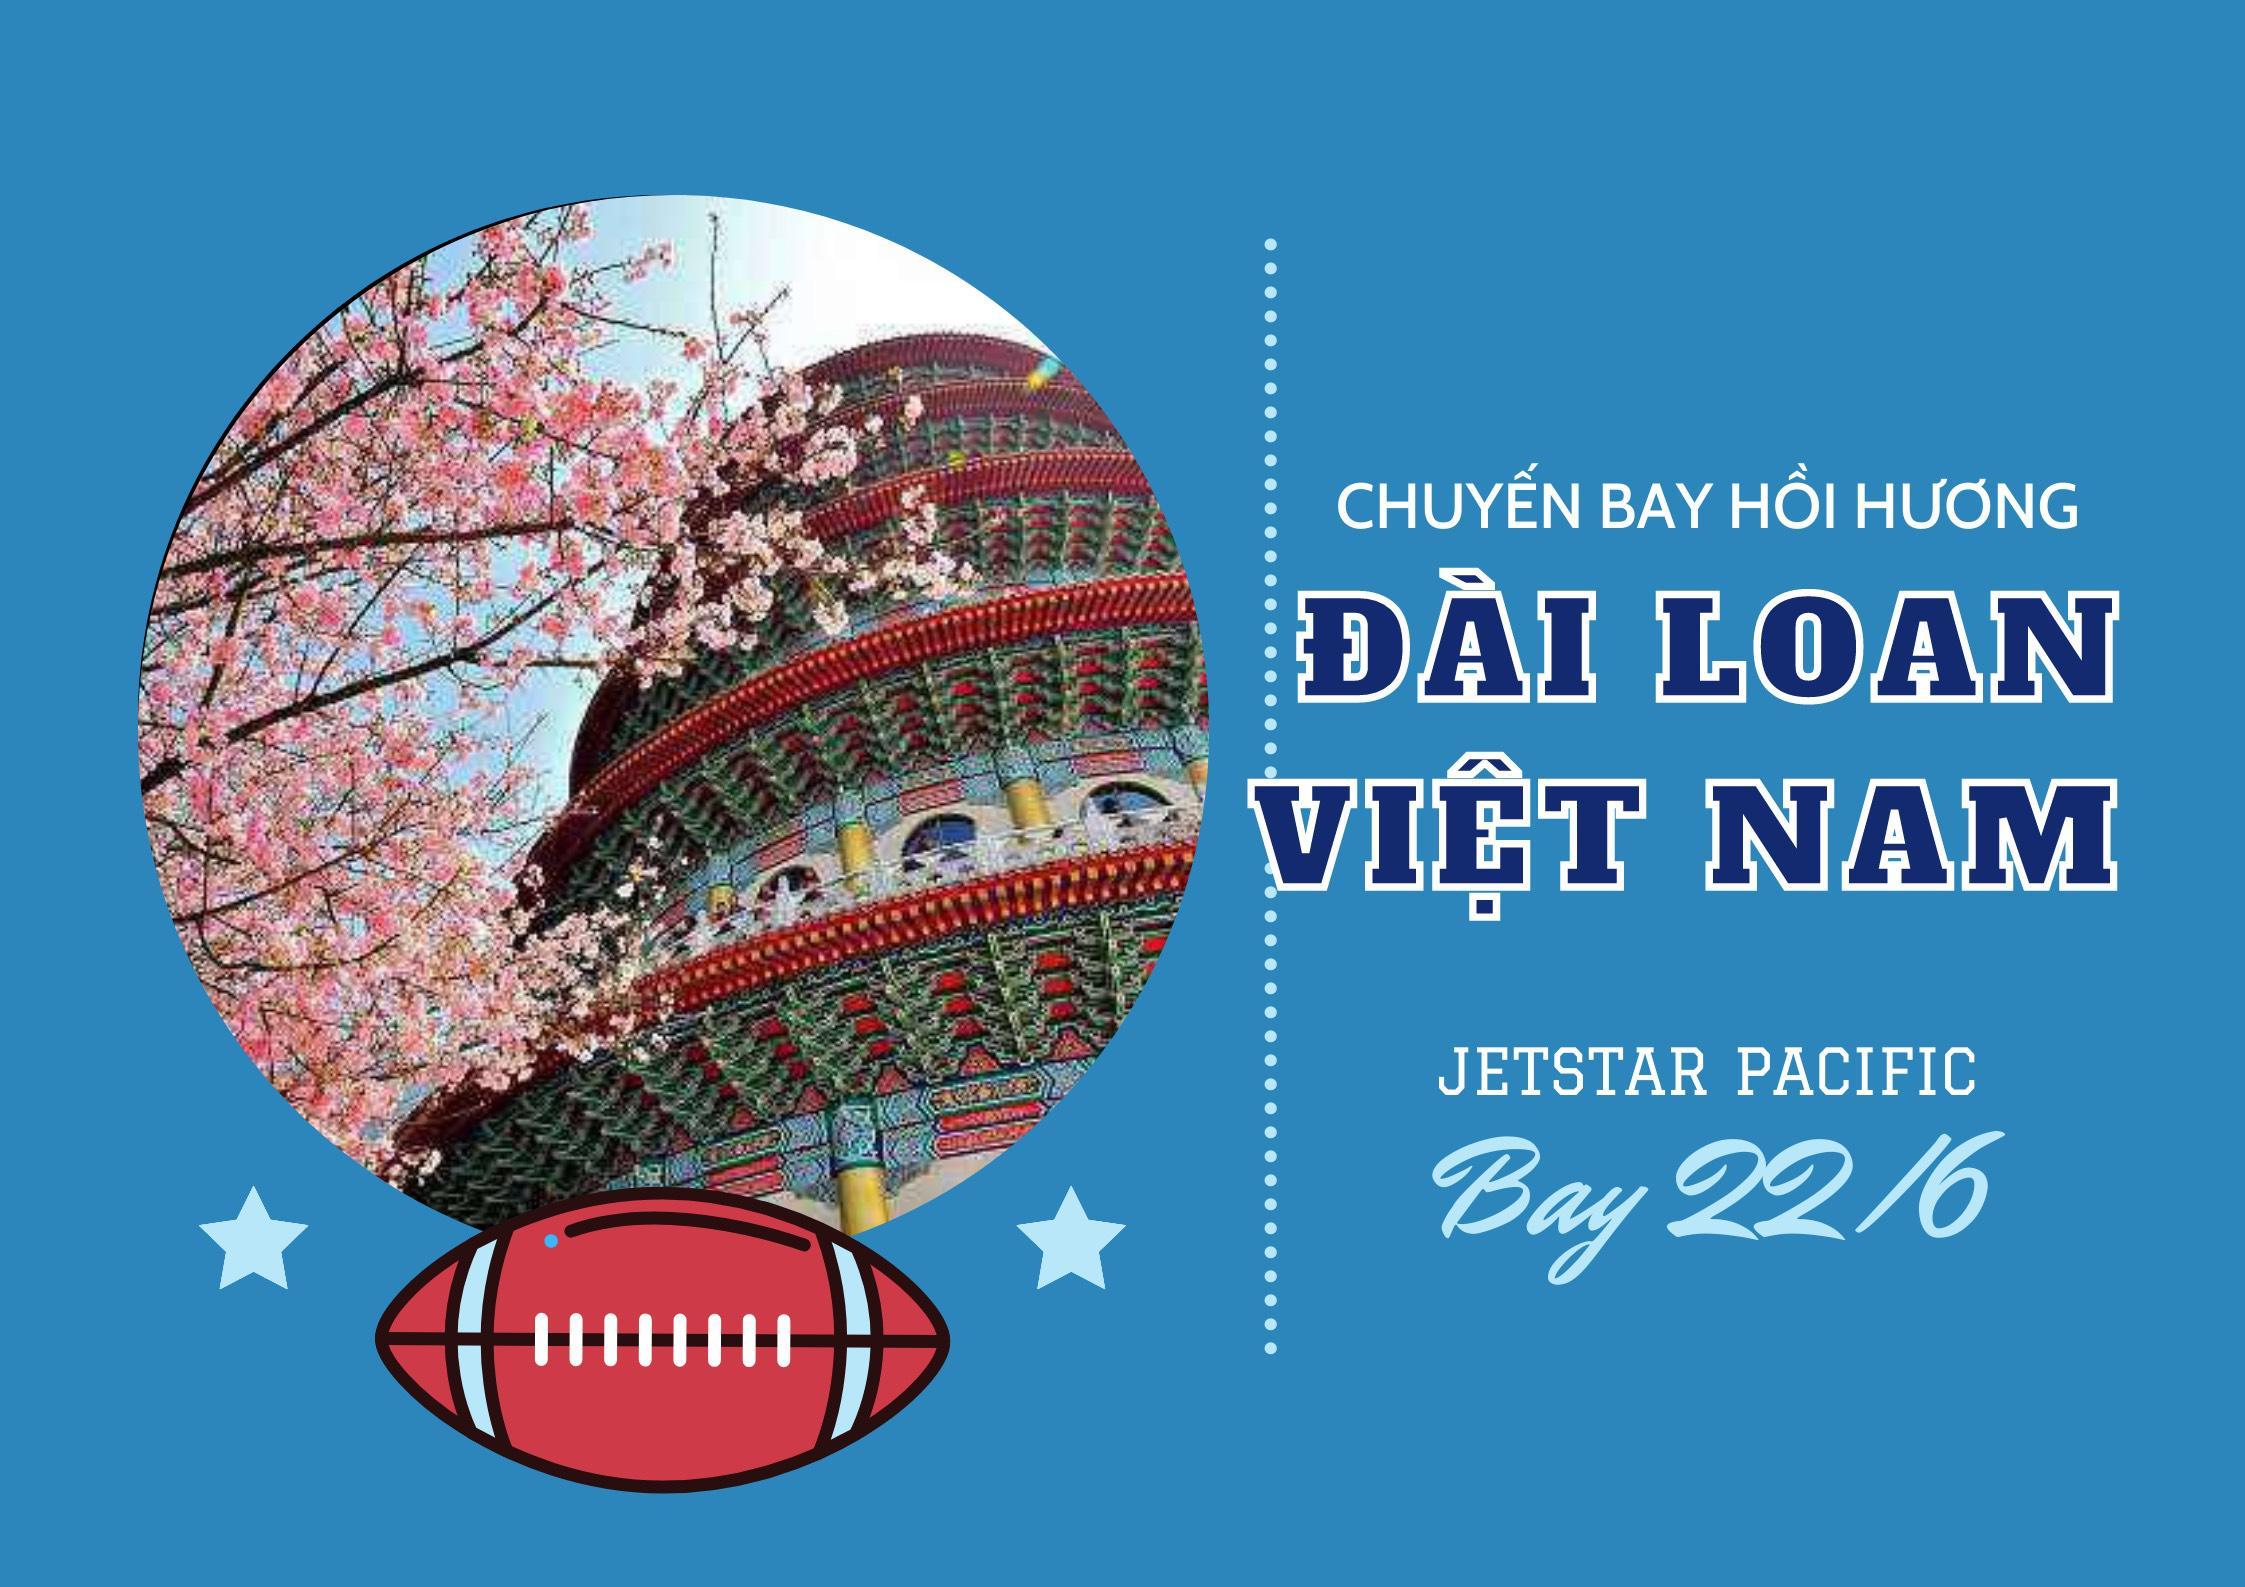 Chuyến bay hồi hương từ Đài Loan về Việt Nam tháng 6